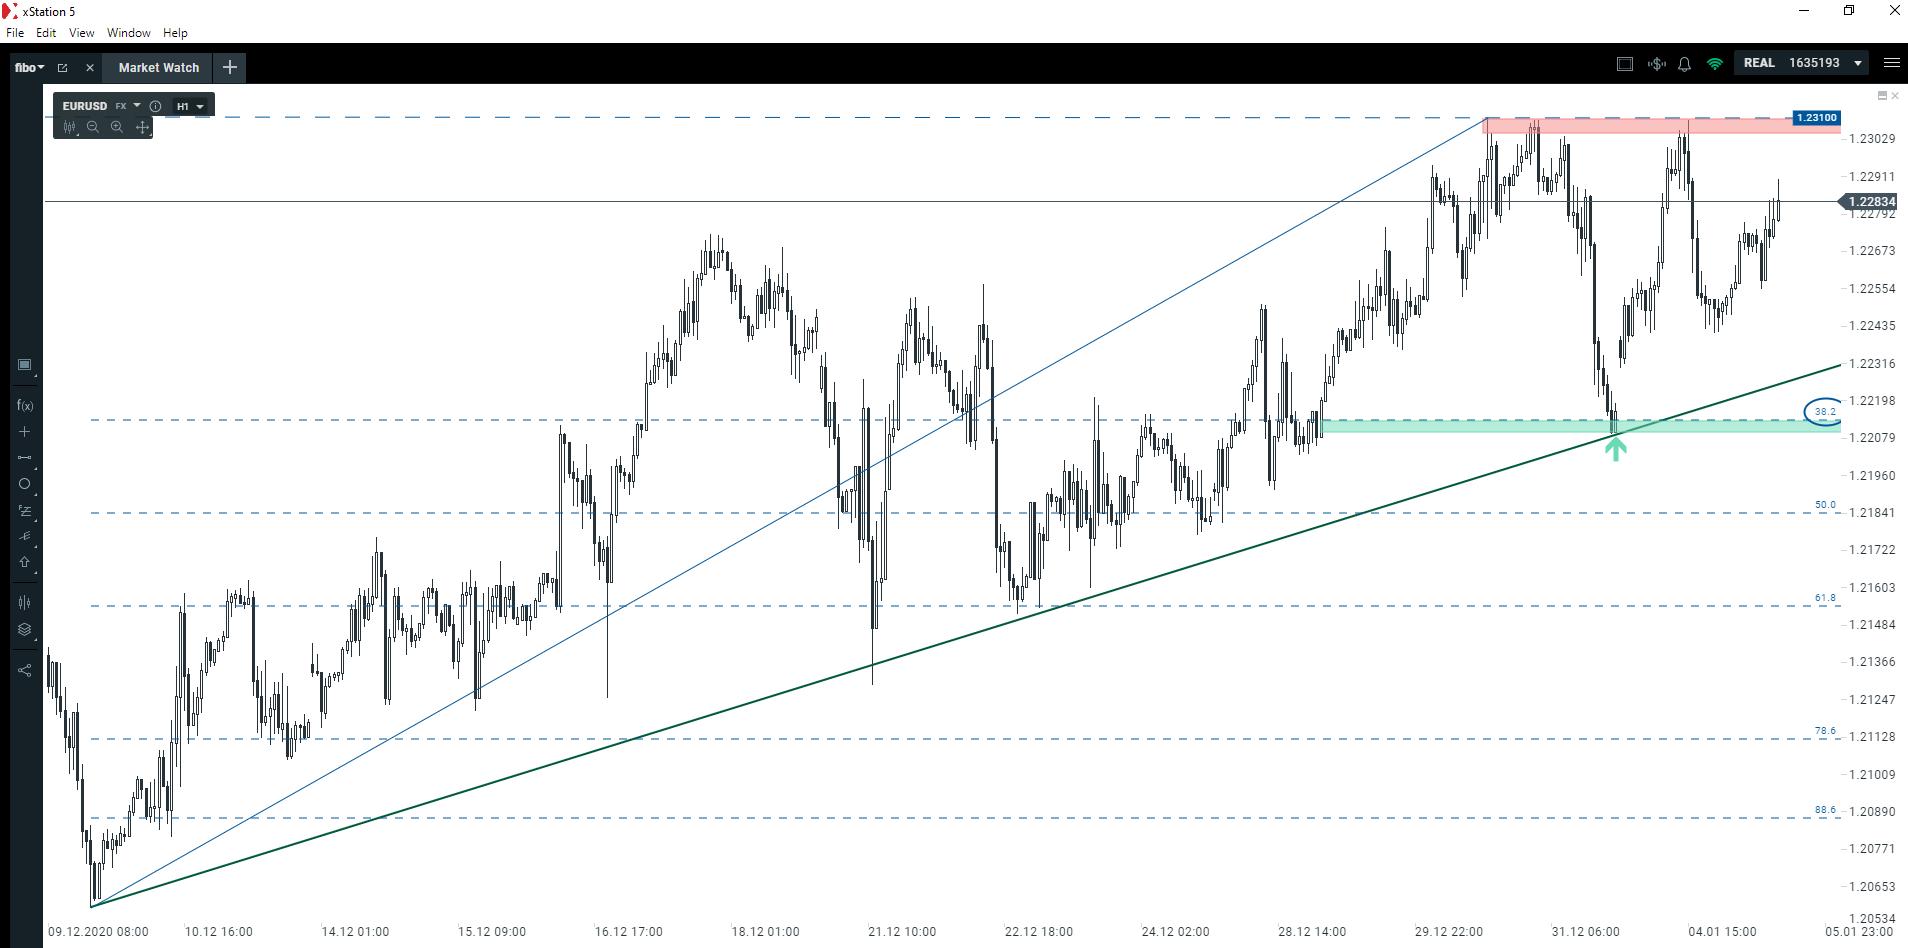 Czy amerykański dolar nadal będzie tracił na wartości?